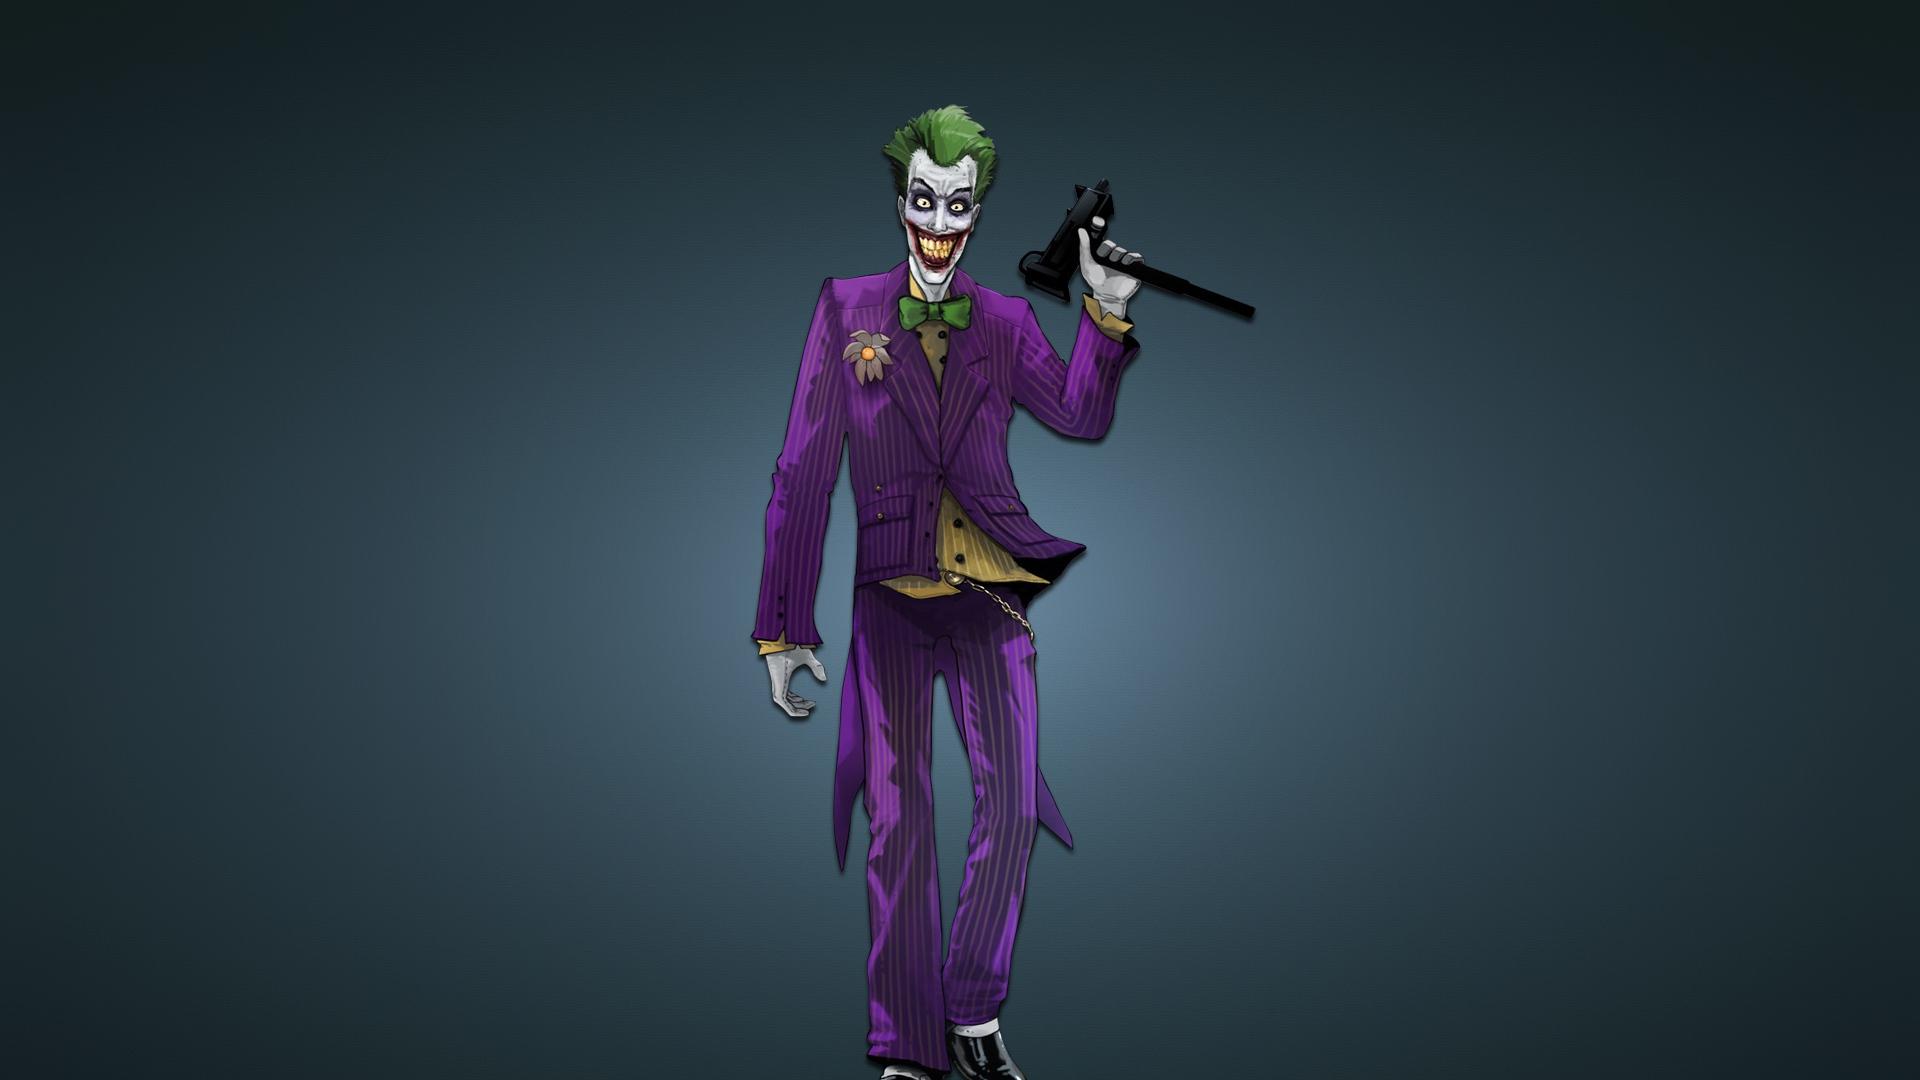 Batman Joker Quotes Mobile Wallpaper Joker Hd Wallpaper Hd